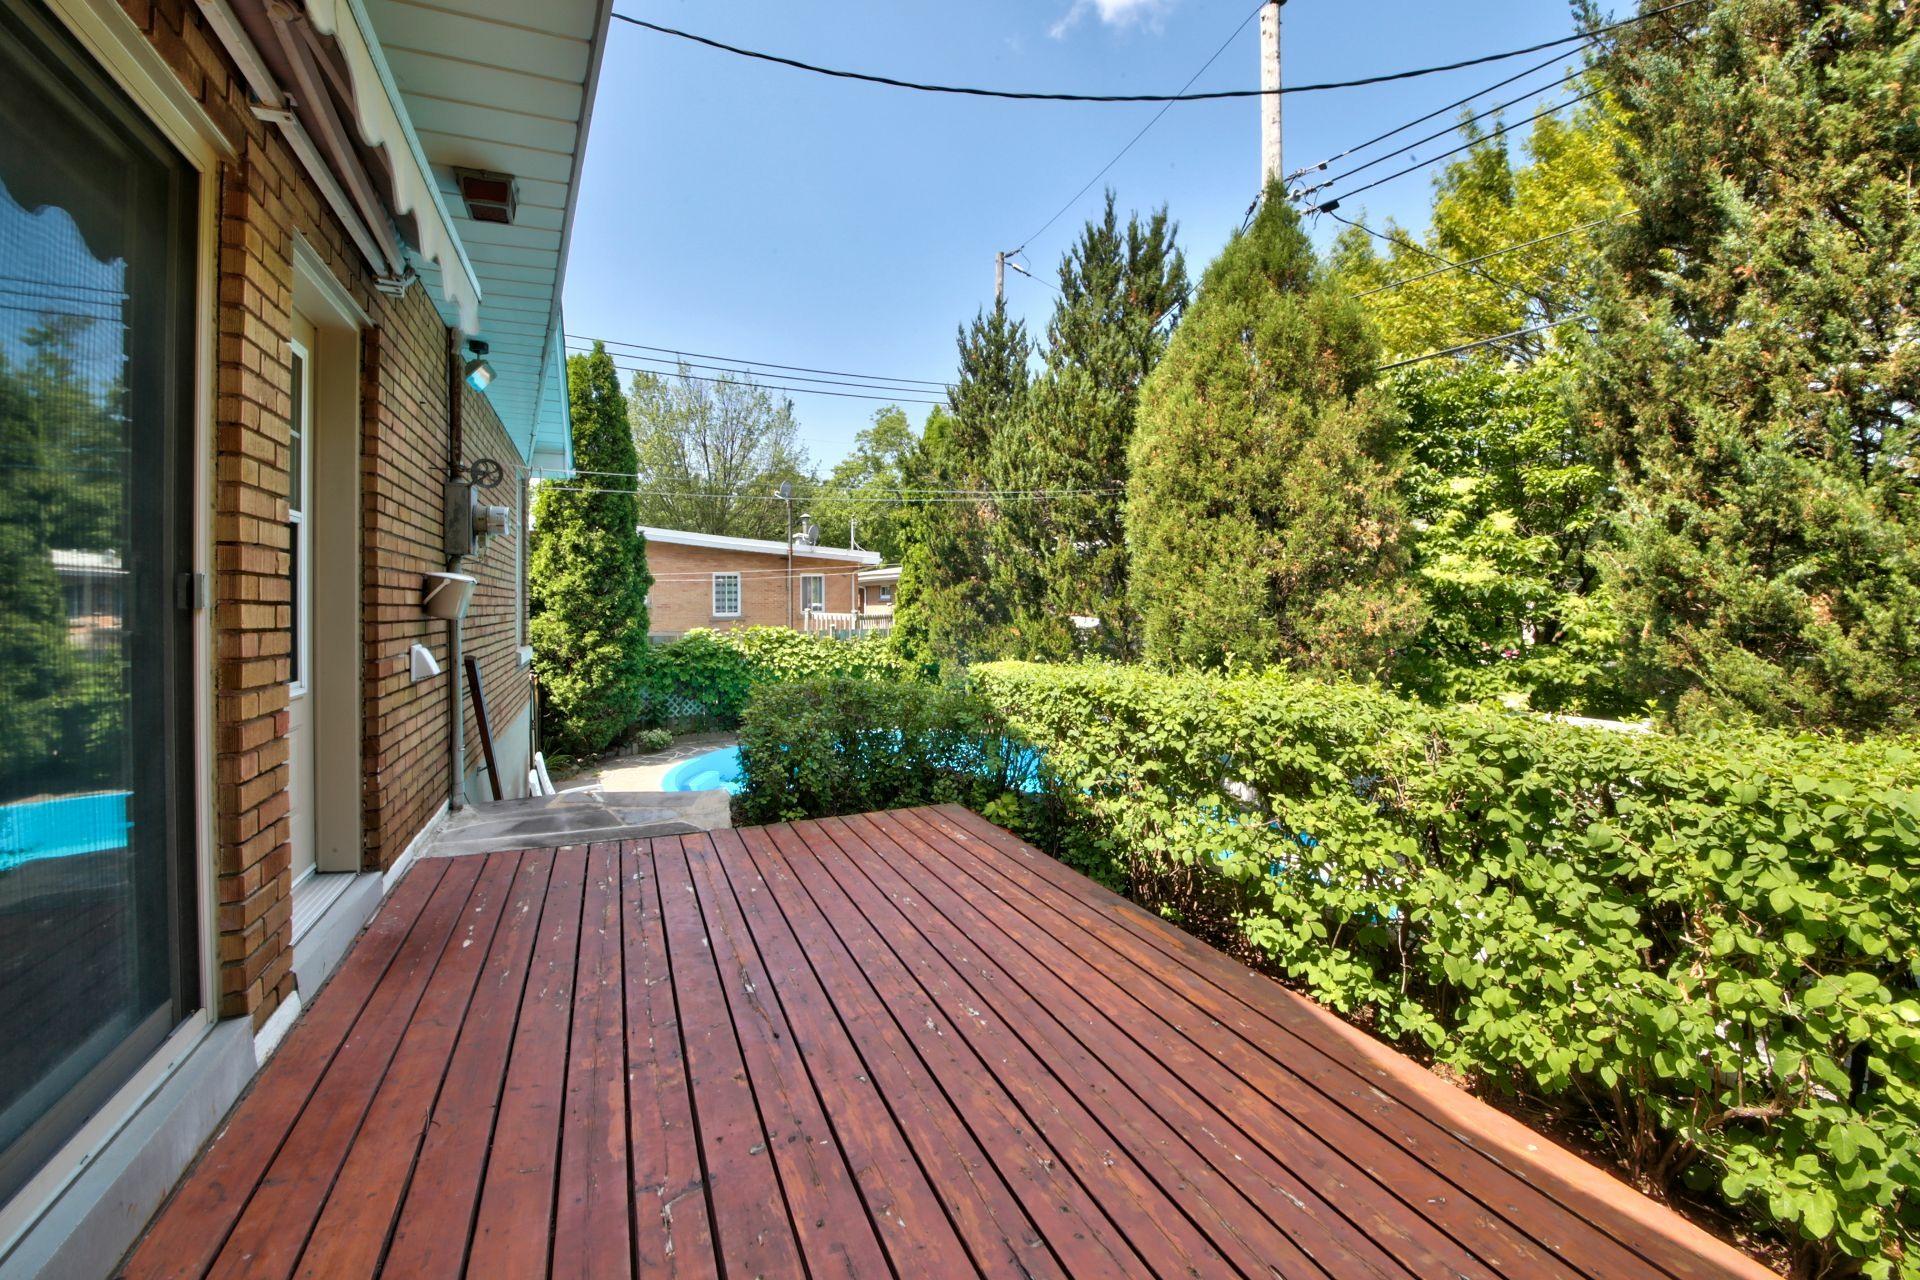 image 24 - House For sale Ahuntsic-Cartierville Montréal  - 11 rooms